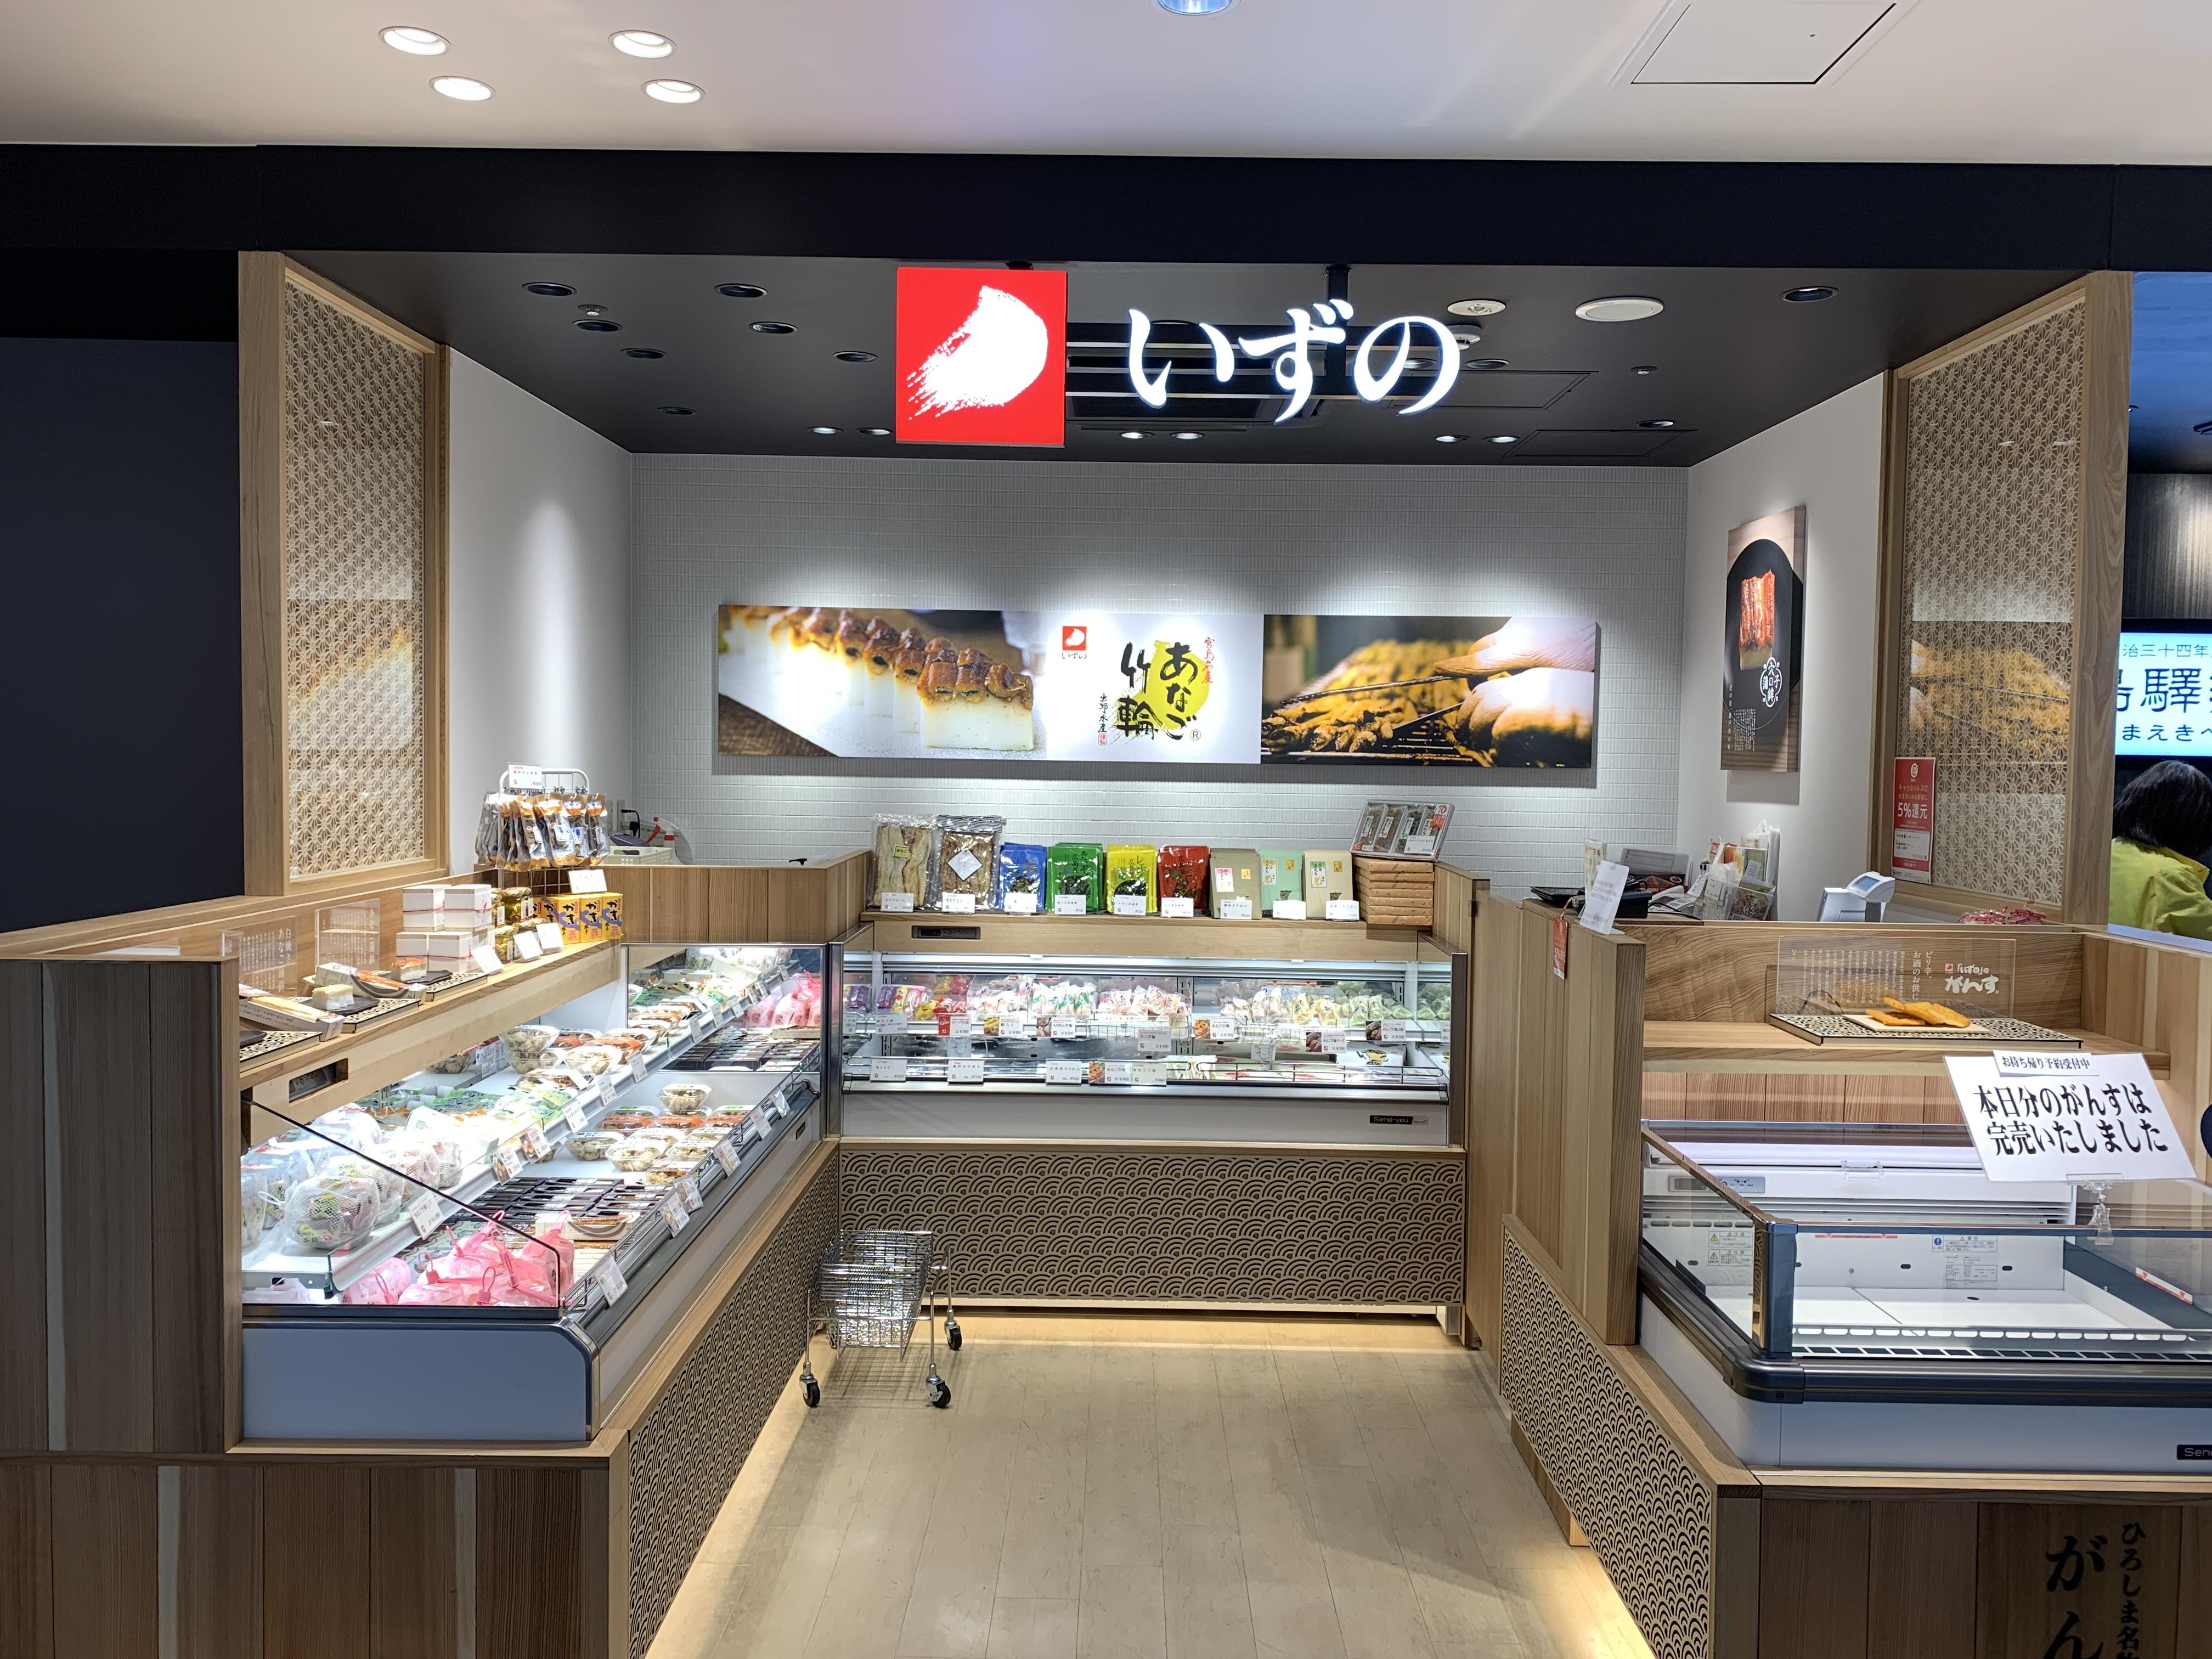 いずの広島駅新幹線銘品館店